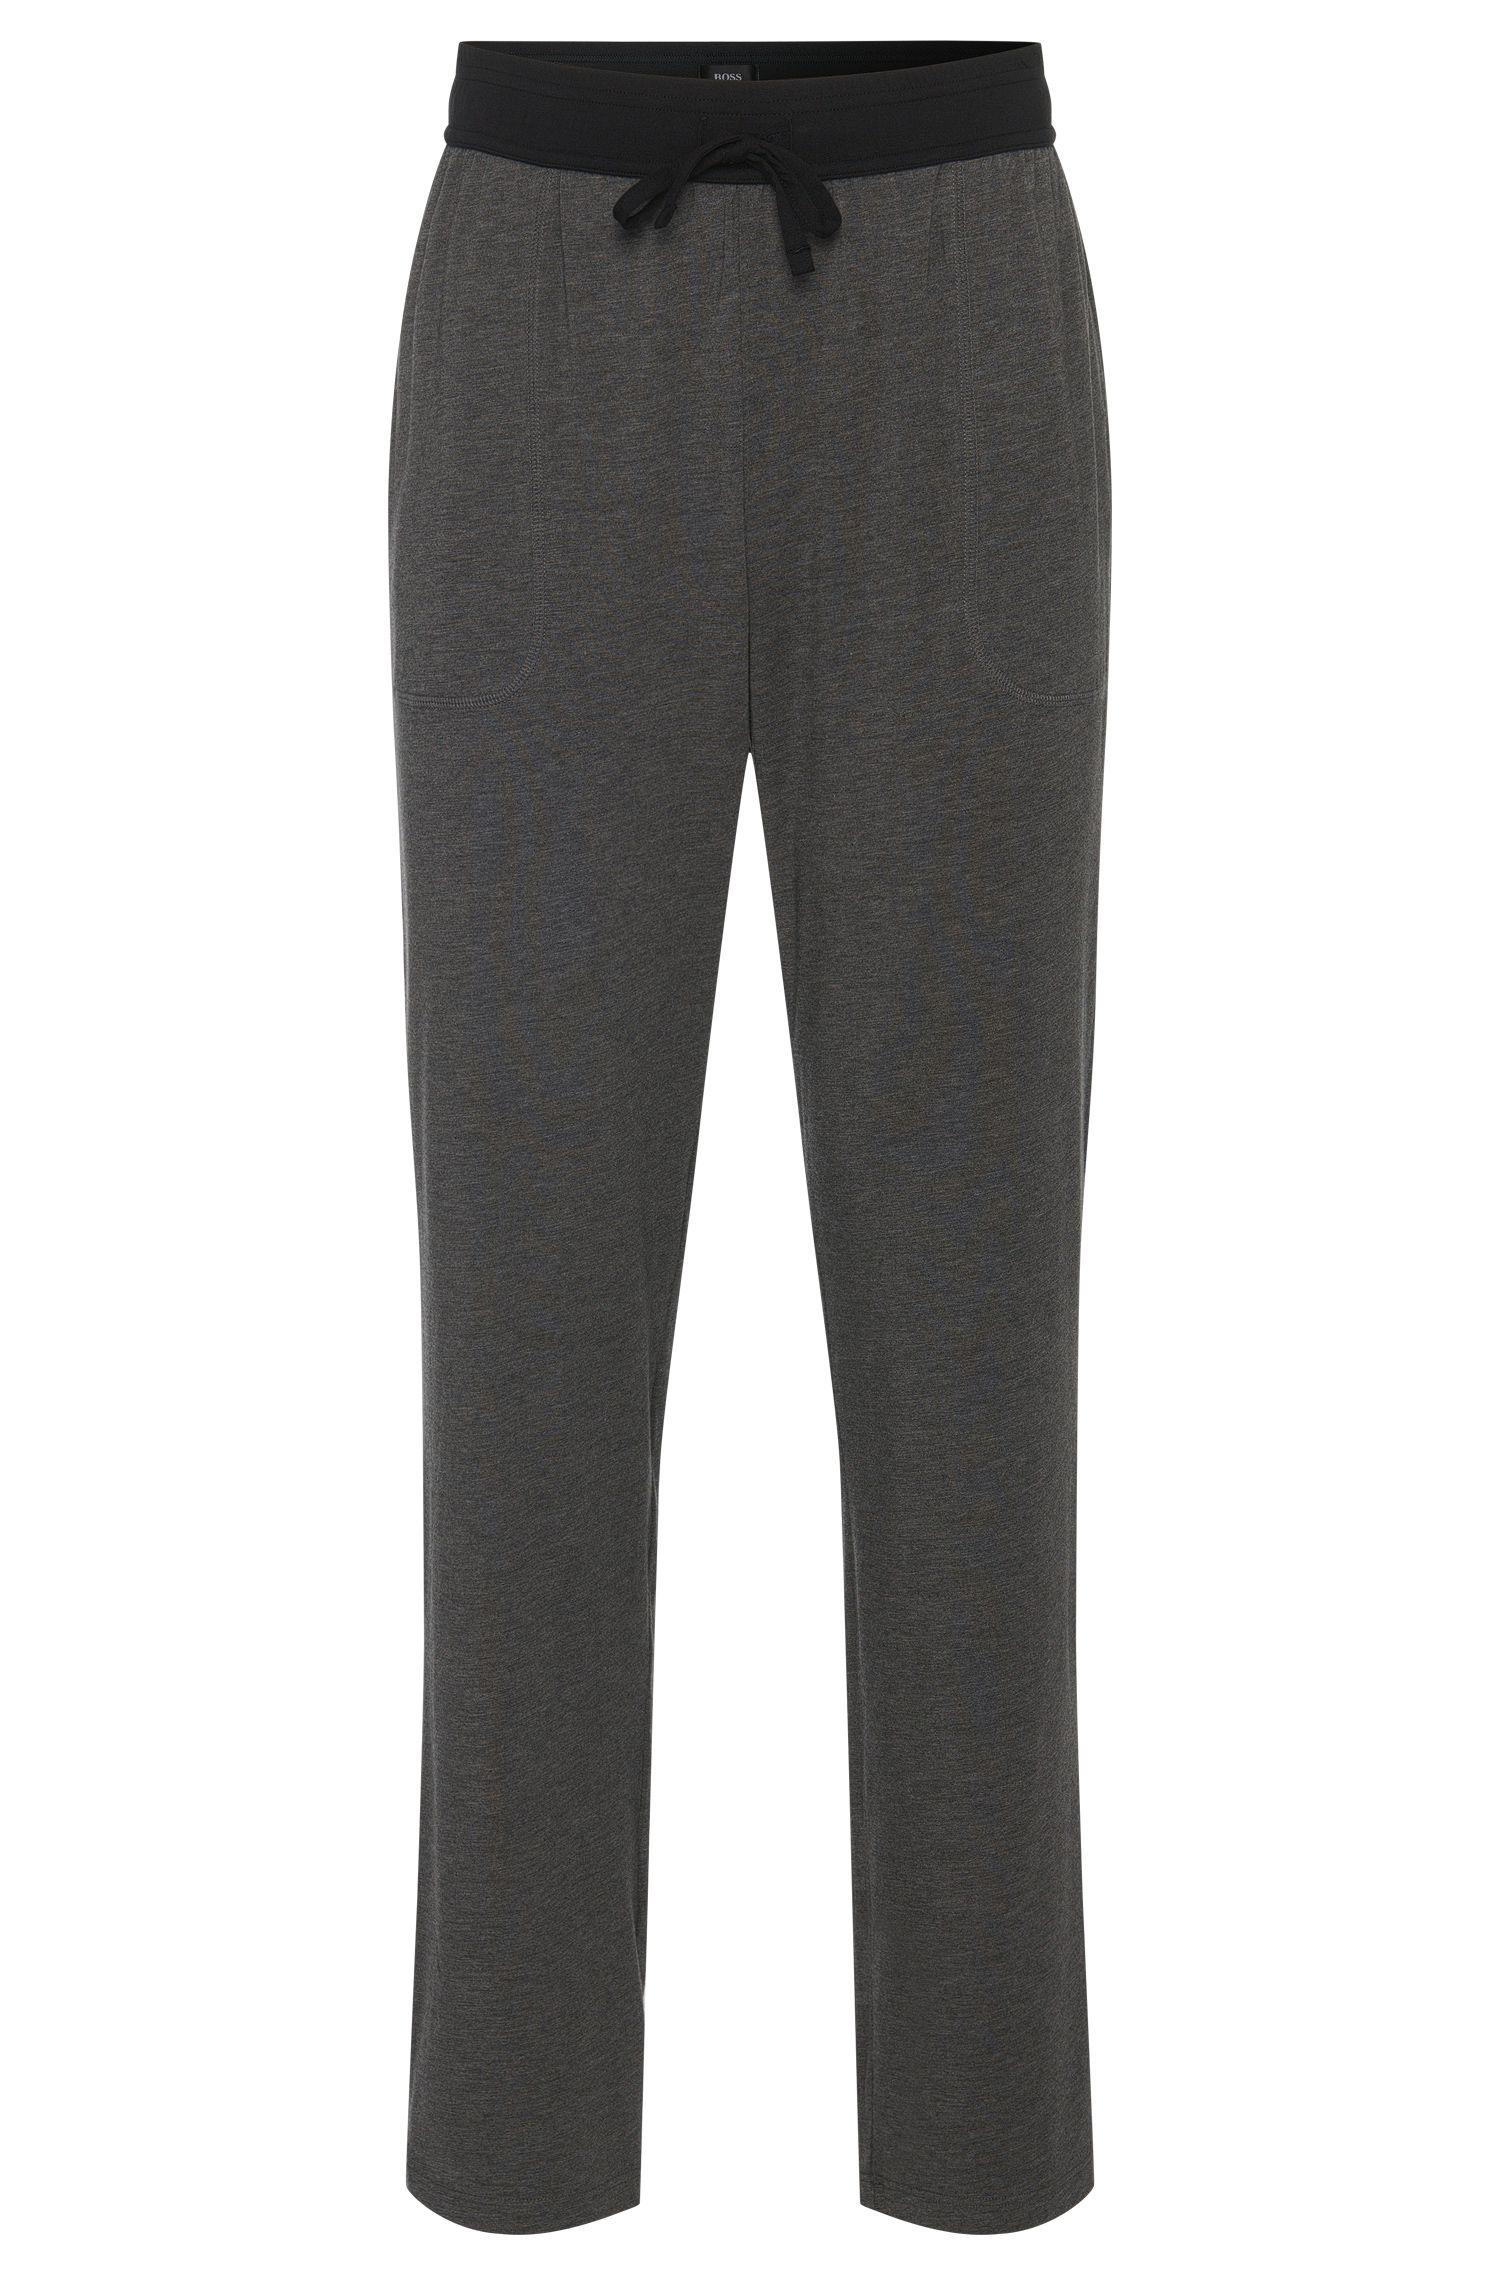 Stretch Cotton Modal Pant | Long Pant CW